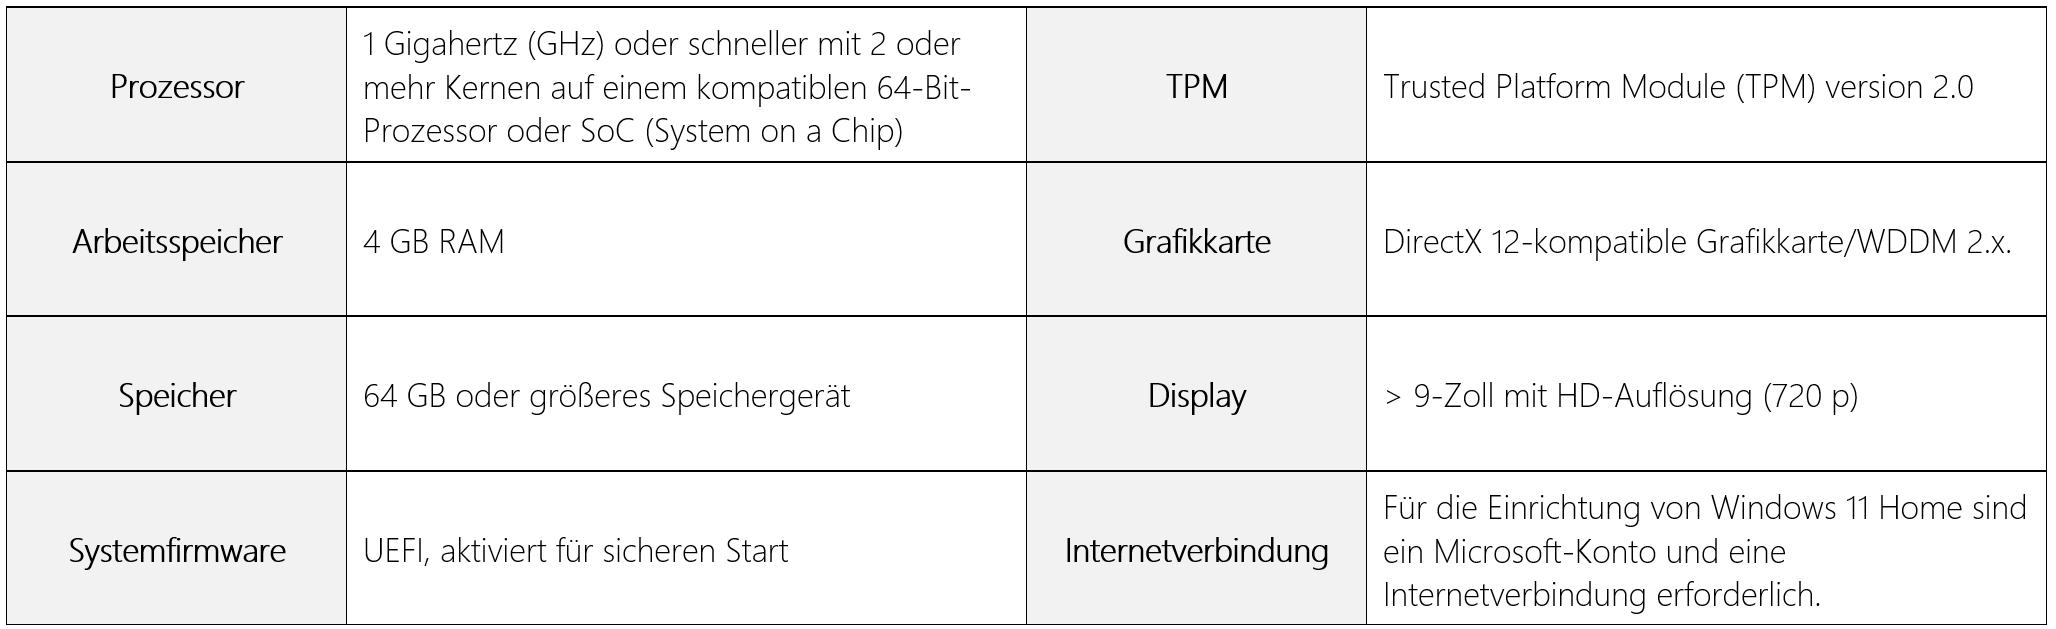 Die Tabelle zeigt verschiedene Mindestanforderungen an ein Gerät, um Windows 11 nutzen zu können